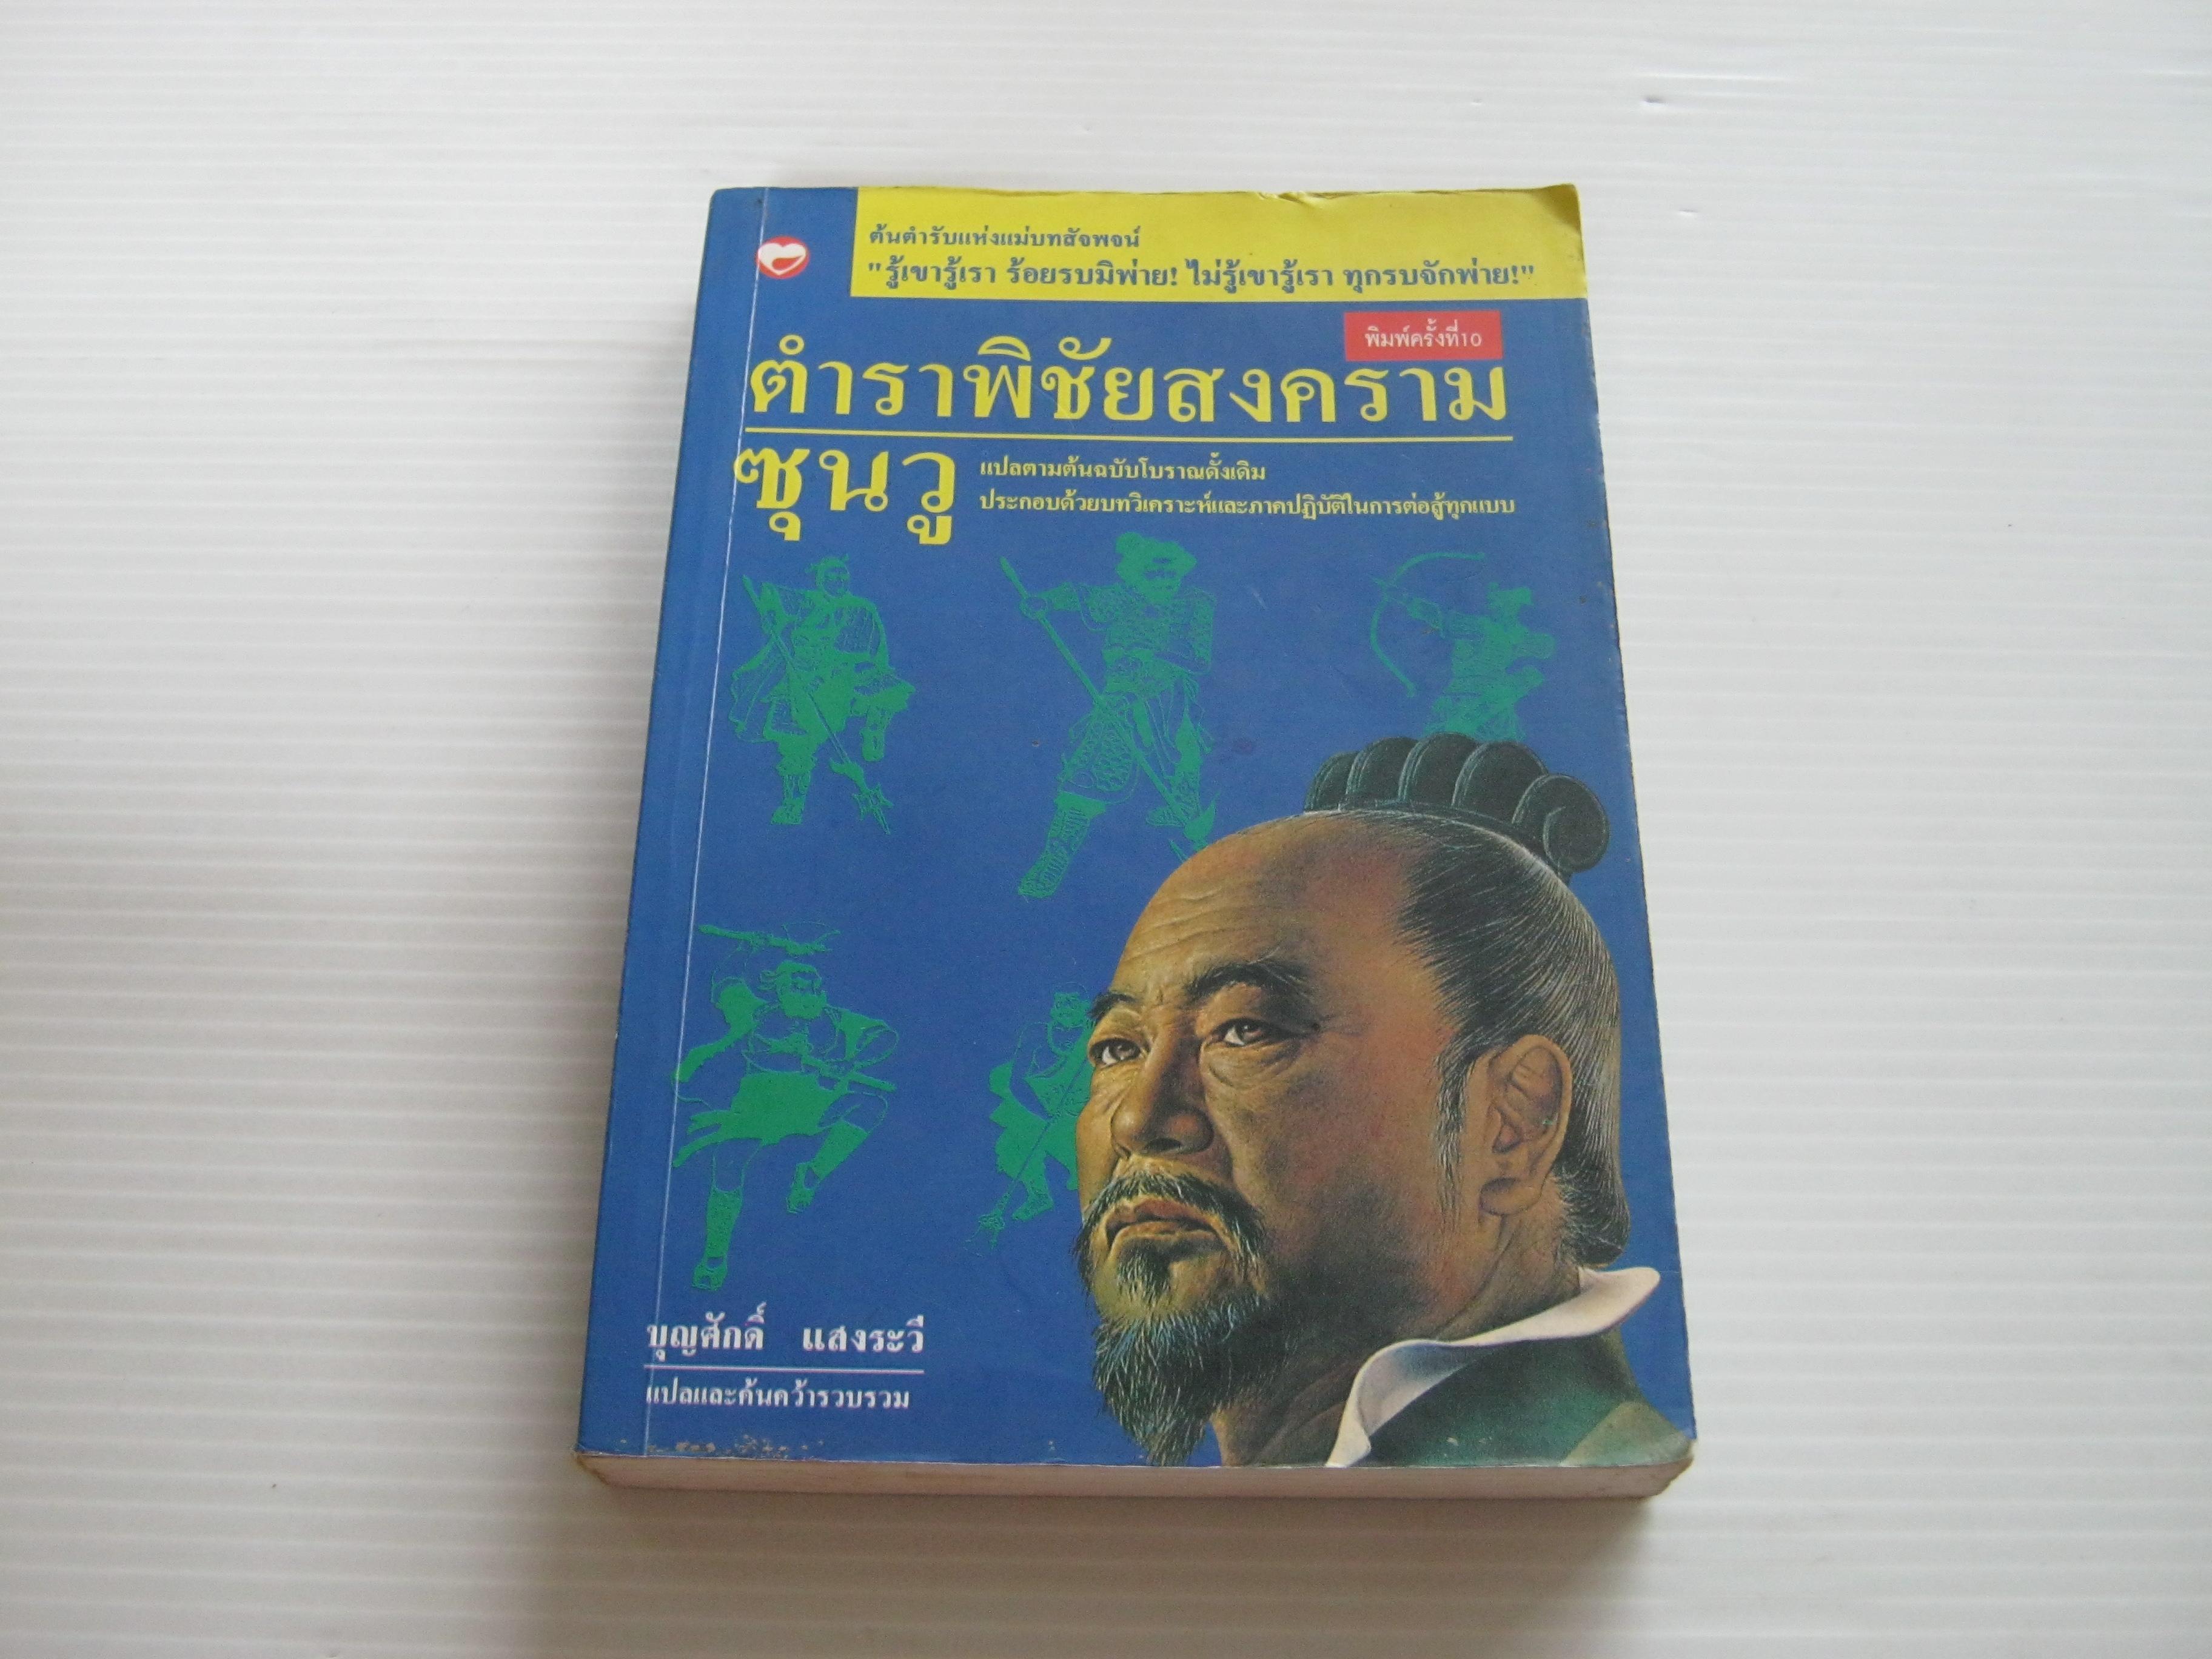 ตำราพิชัยสงครามซุนวู ภาคปฏิบัติ พิมพ์ครั้งที่ 10 บุญศักดิ์ แสงระวี แปลและค้นคว้ารวบรวม